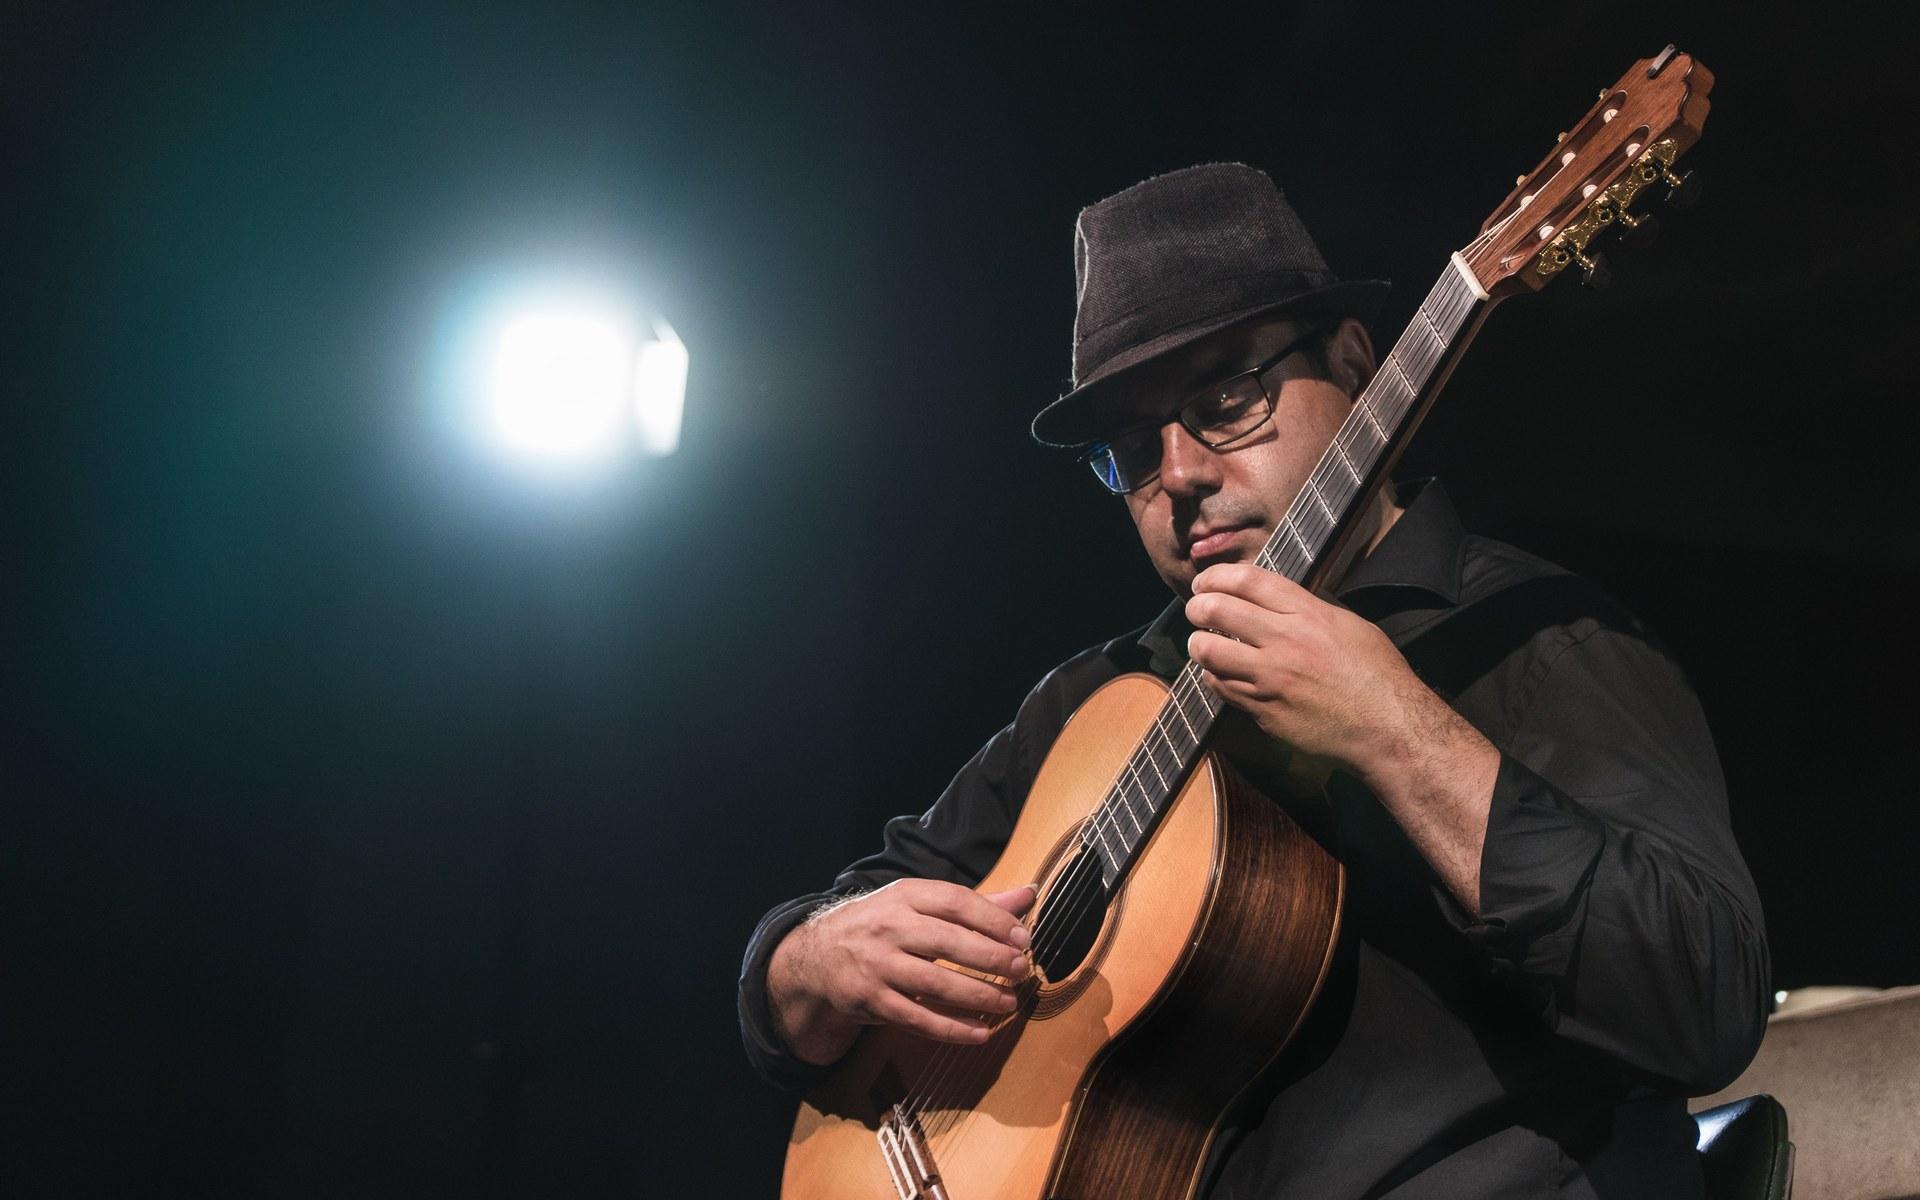 Tono Blasi oferirà el 28 de juny un concert a les 21 h a l'Ermita de Sant Sebastià en el marc del Festival de guitarra del Mediterrani